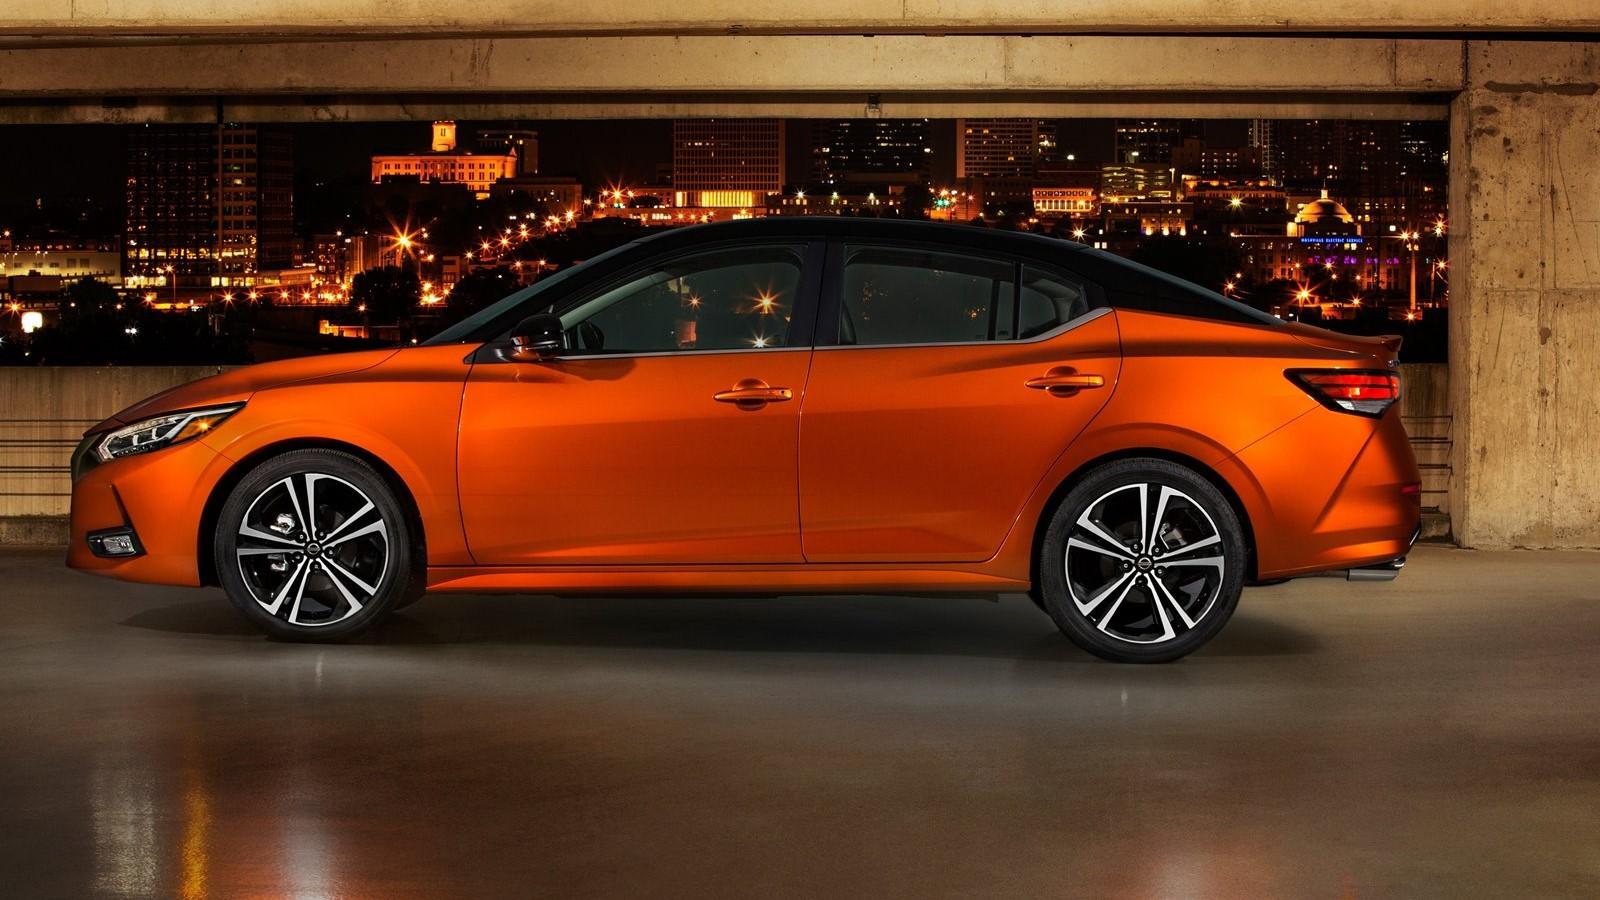 El Nissan Sentra 2020 SR es la versión más completa y capaz